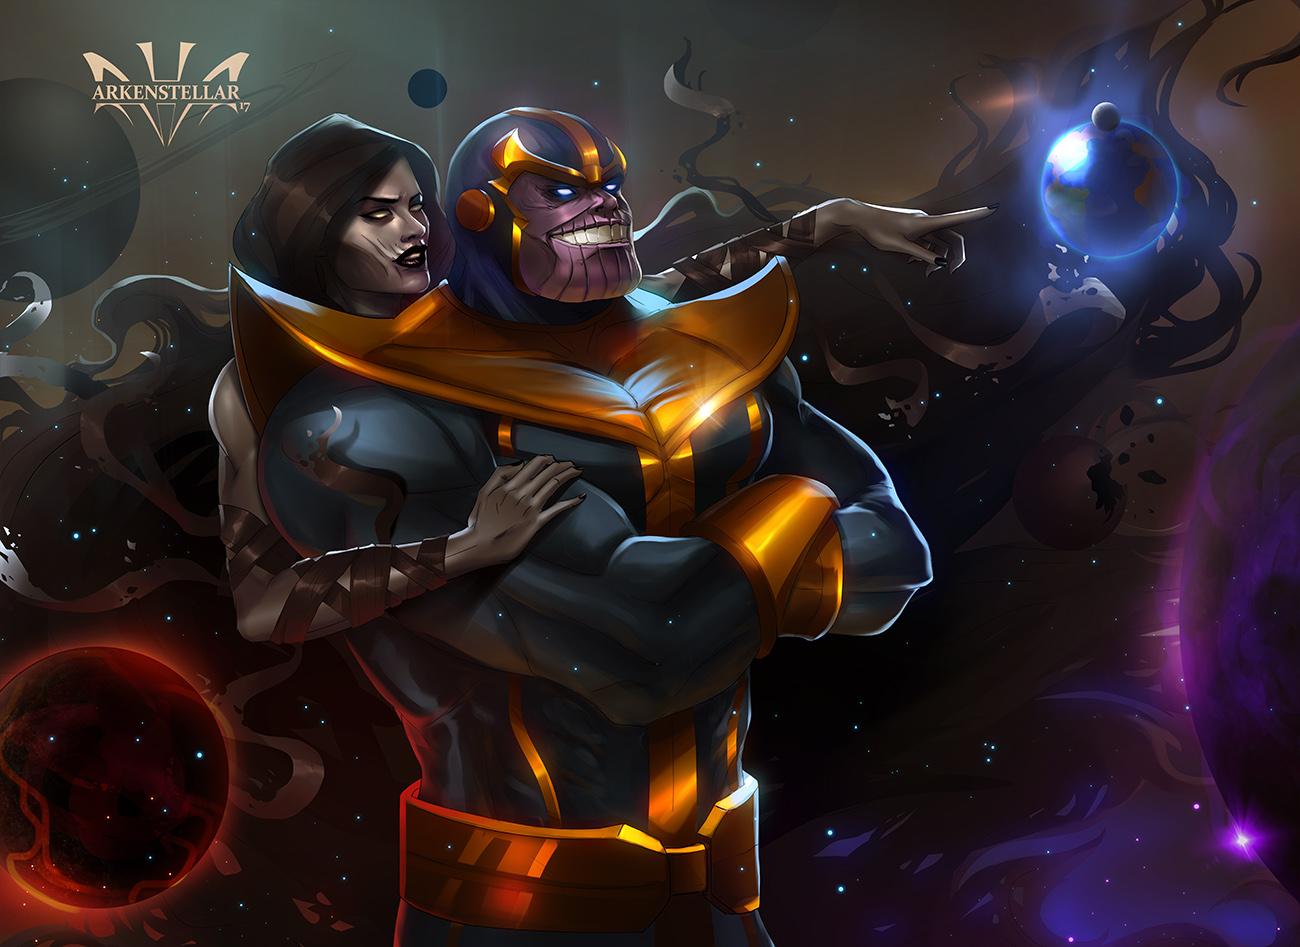 Thanos And The Death By Arkenstellar On Deviantart